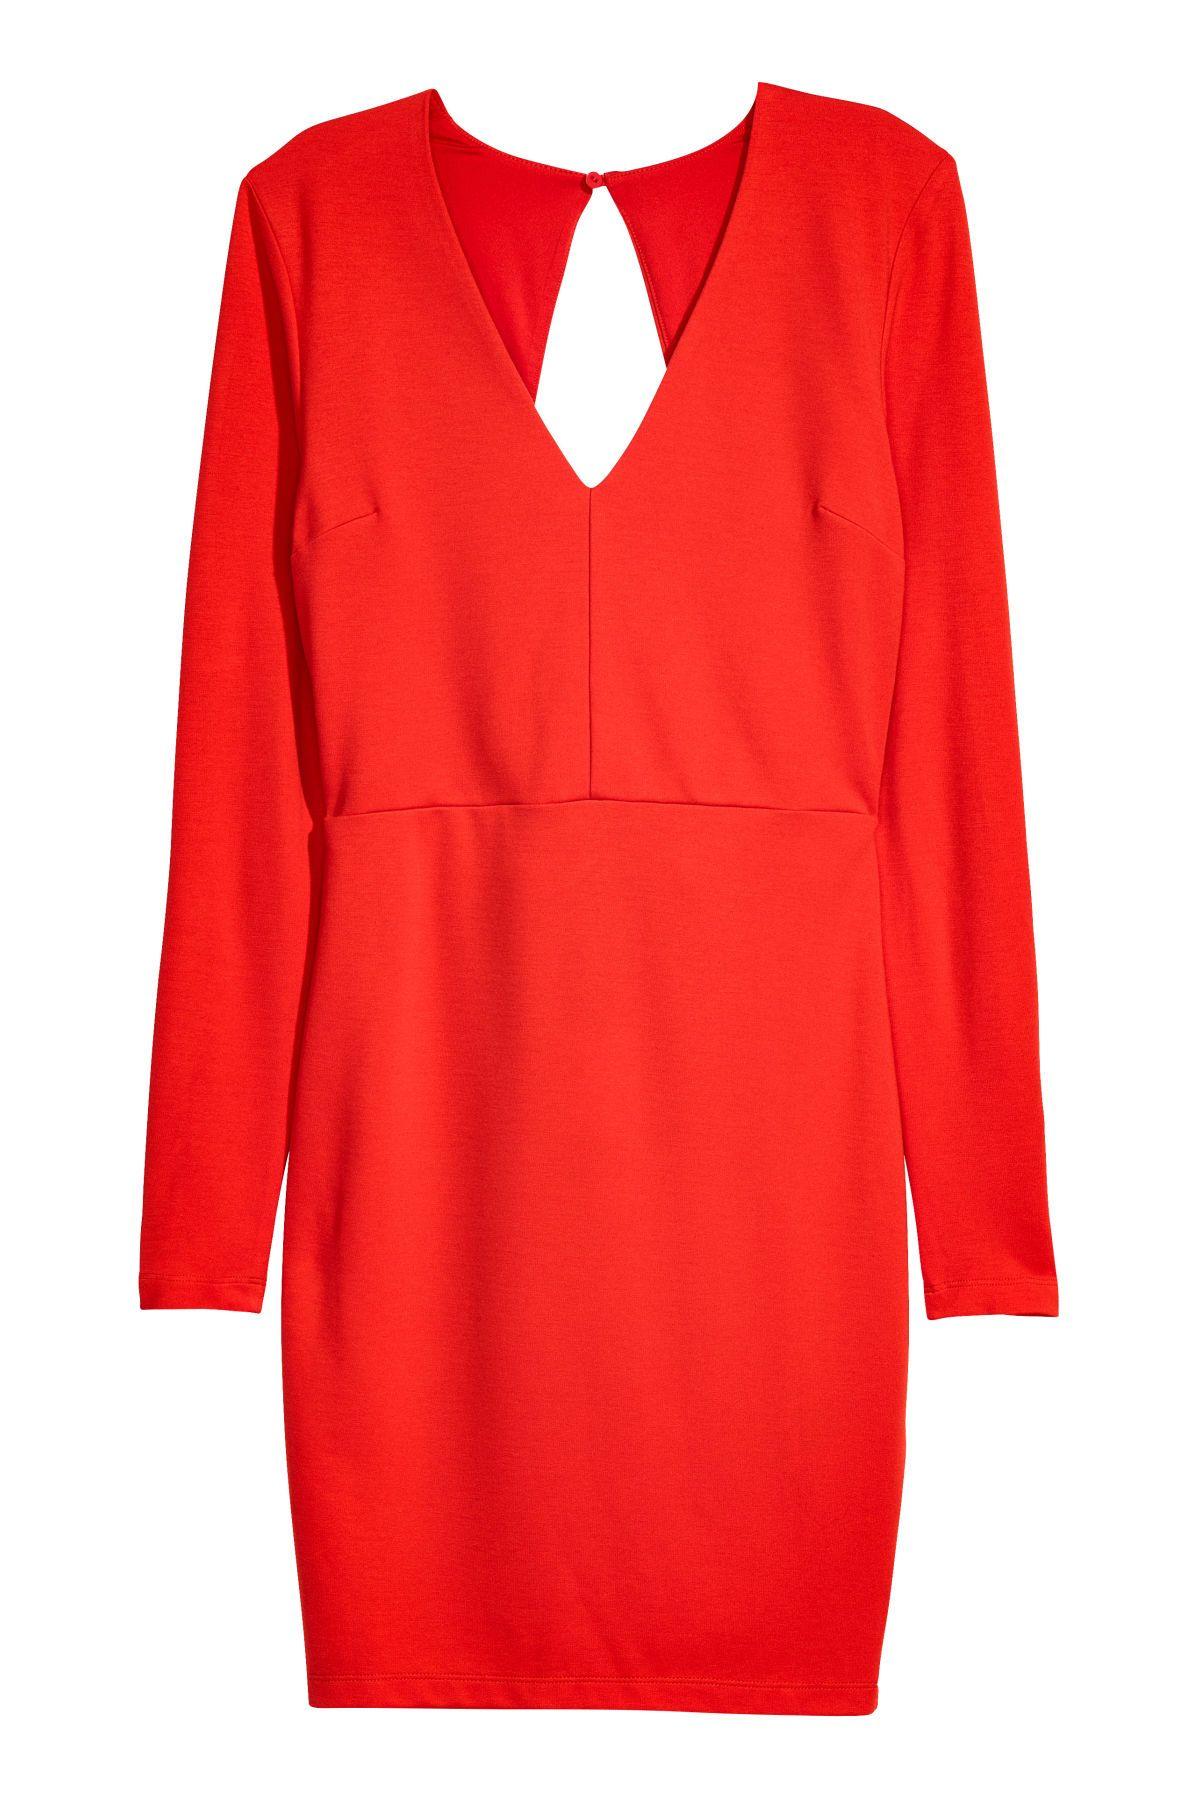 Figurbetontes Kleid   Rot   DAMEN   H&M DE   Modestil ...